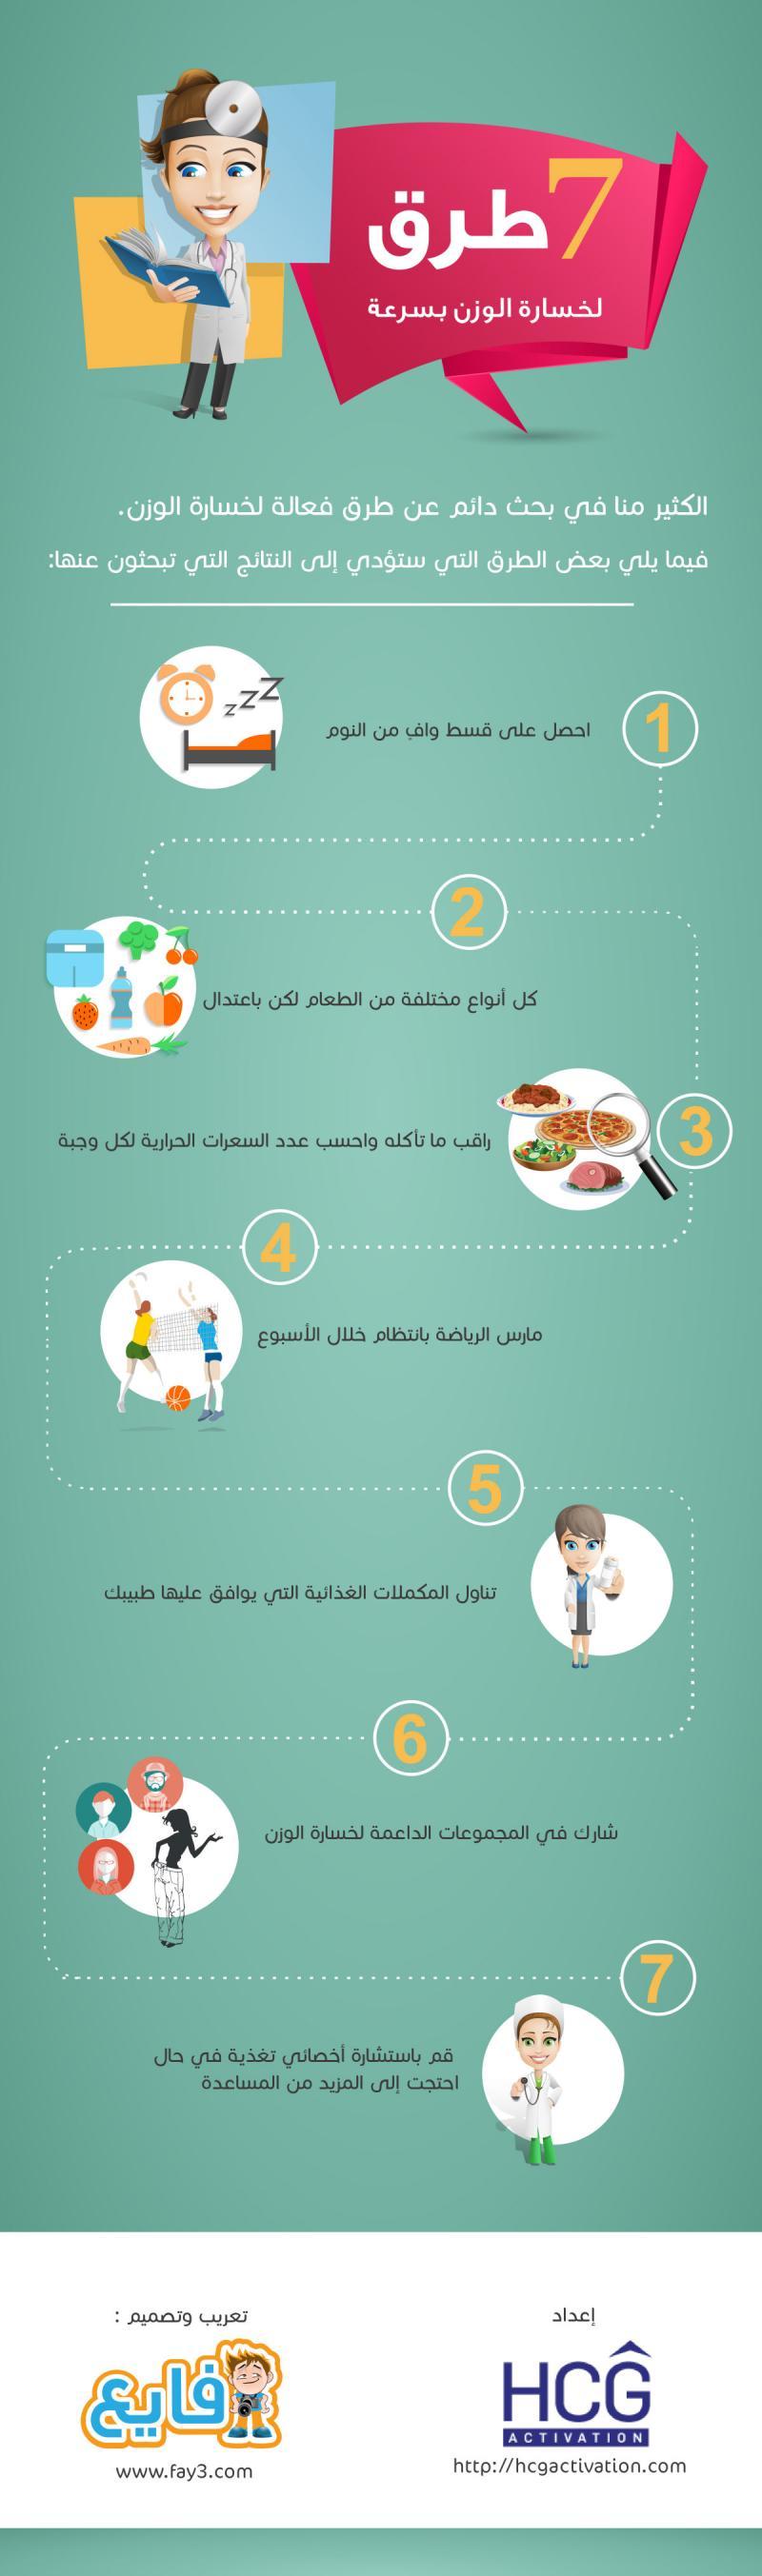 سبعة طرق لخسارة الوزن بسرعة #تخسيس #انفوجرافيك